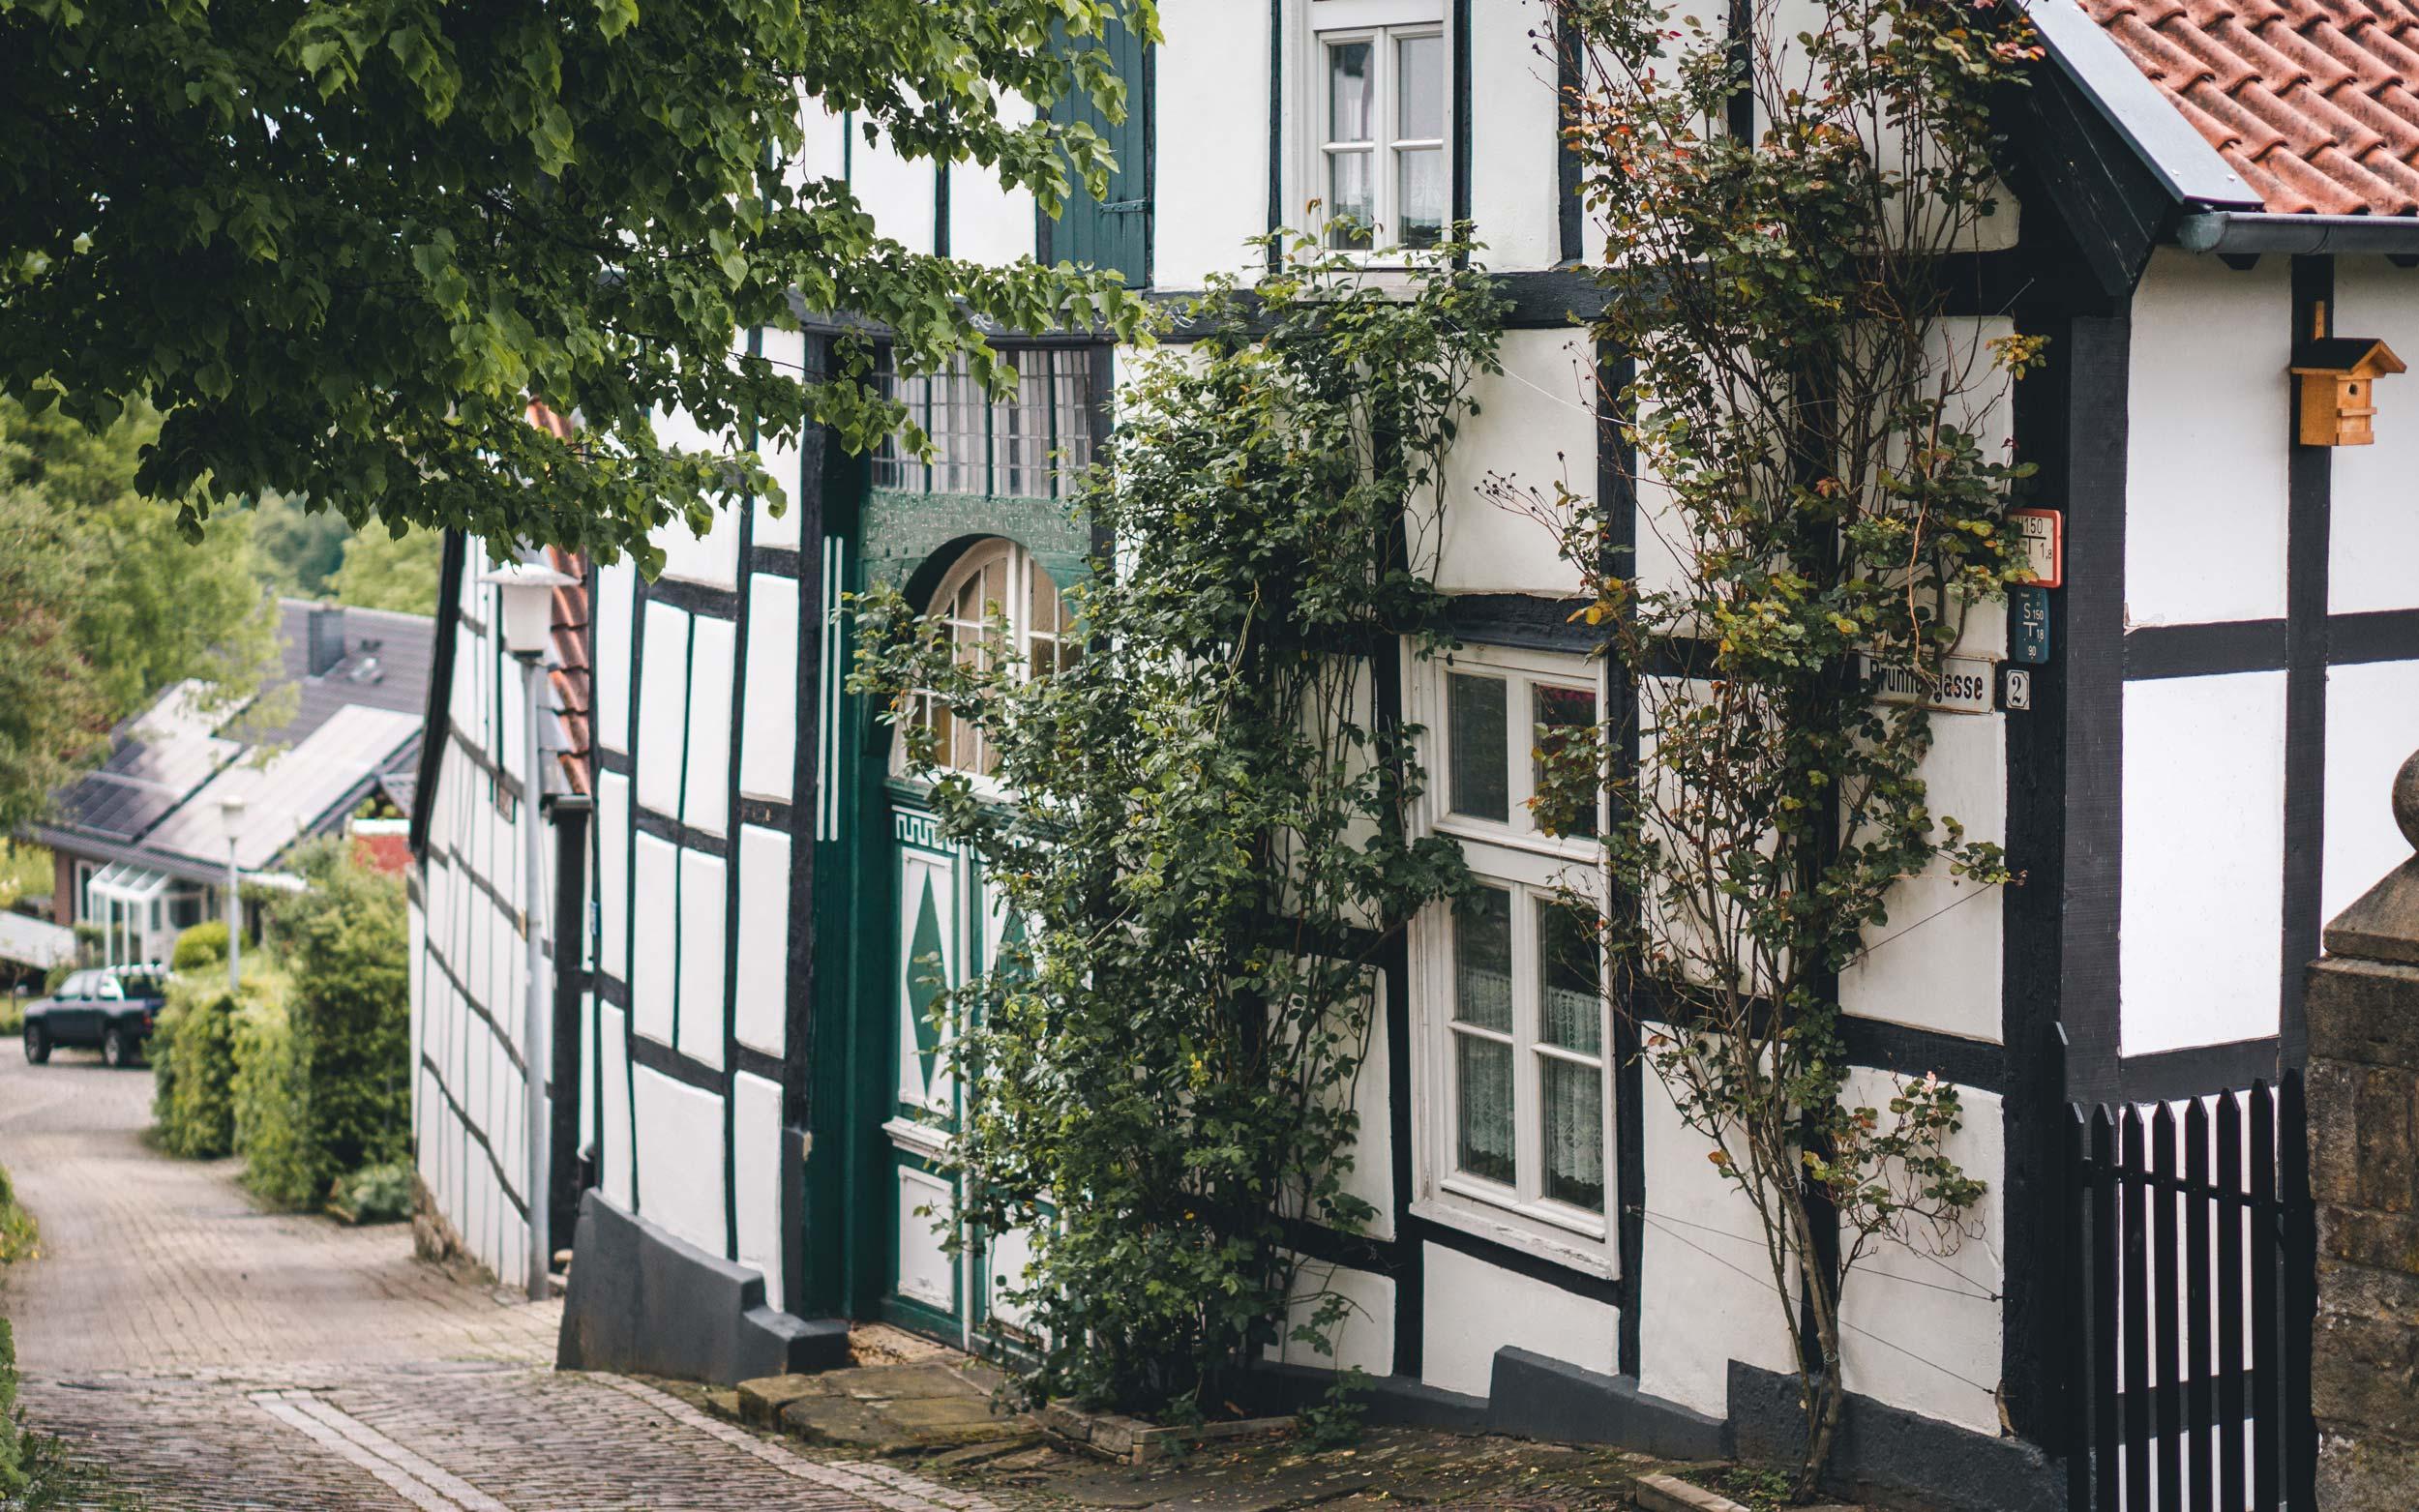 Fachwerkhäuser in Tecklenburg